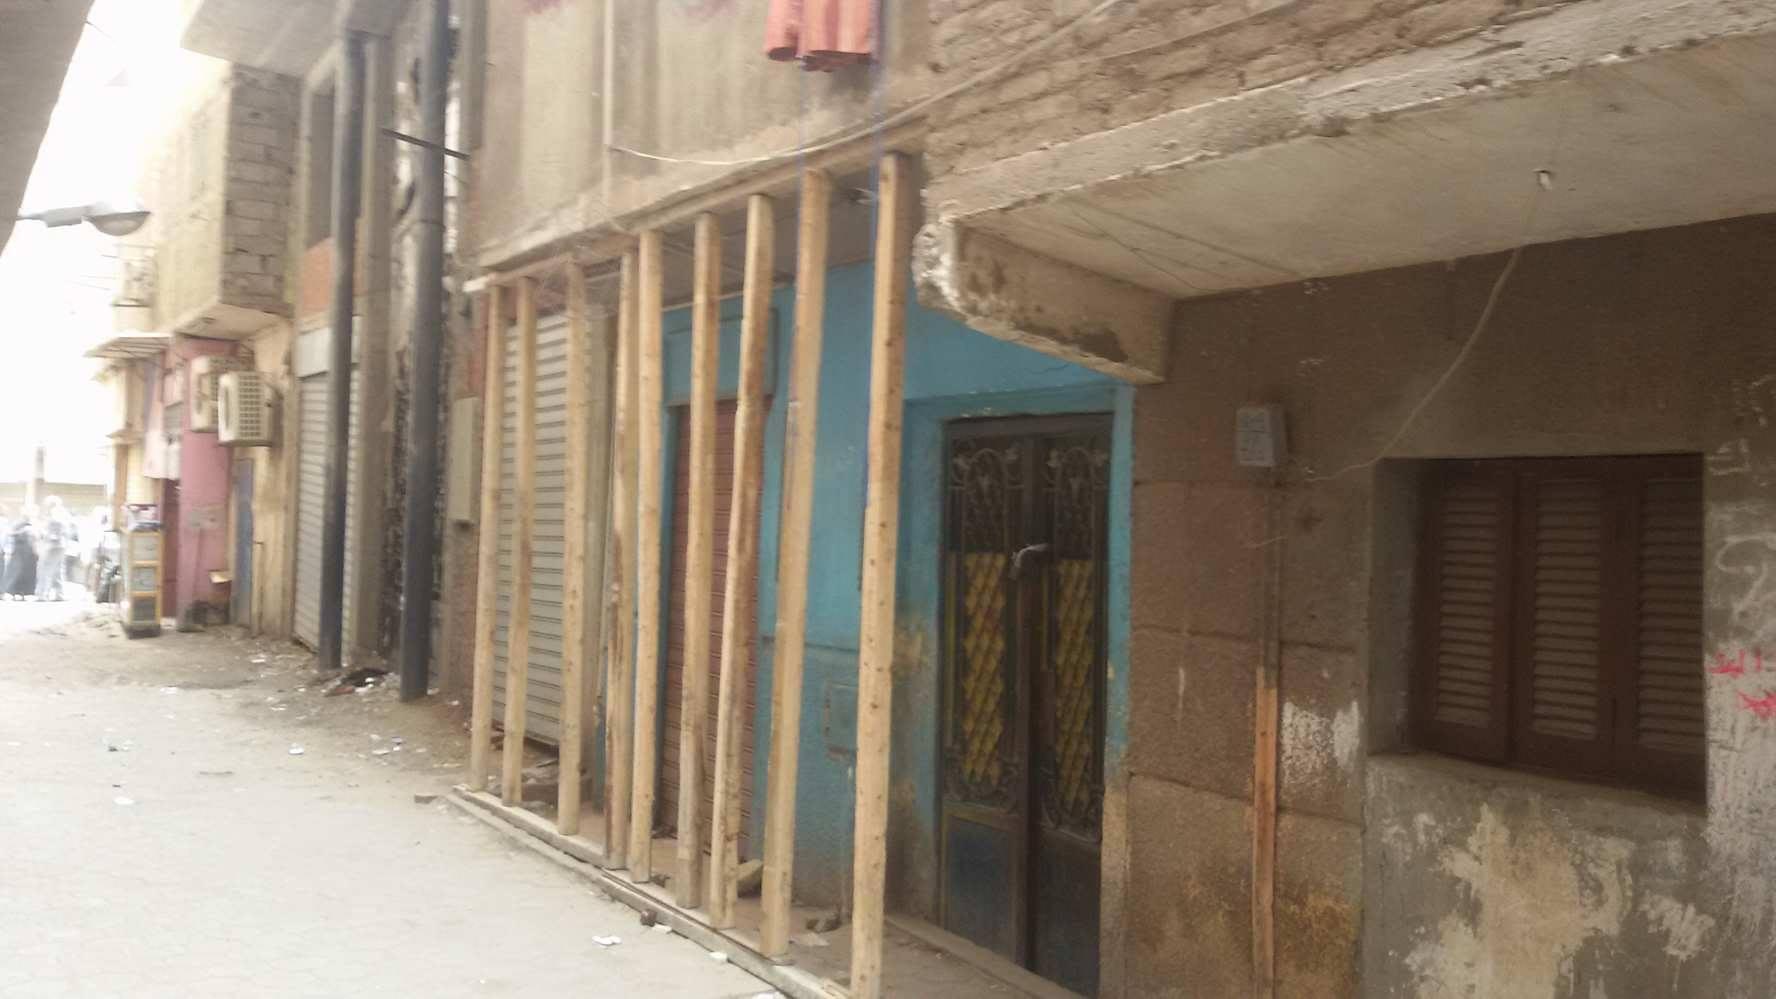 المقاول يزيل سنادات منازل الوراق الآيلة للسقوط الحى مدنيش فلوسى (1)